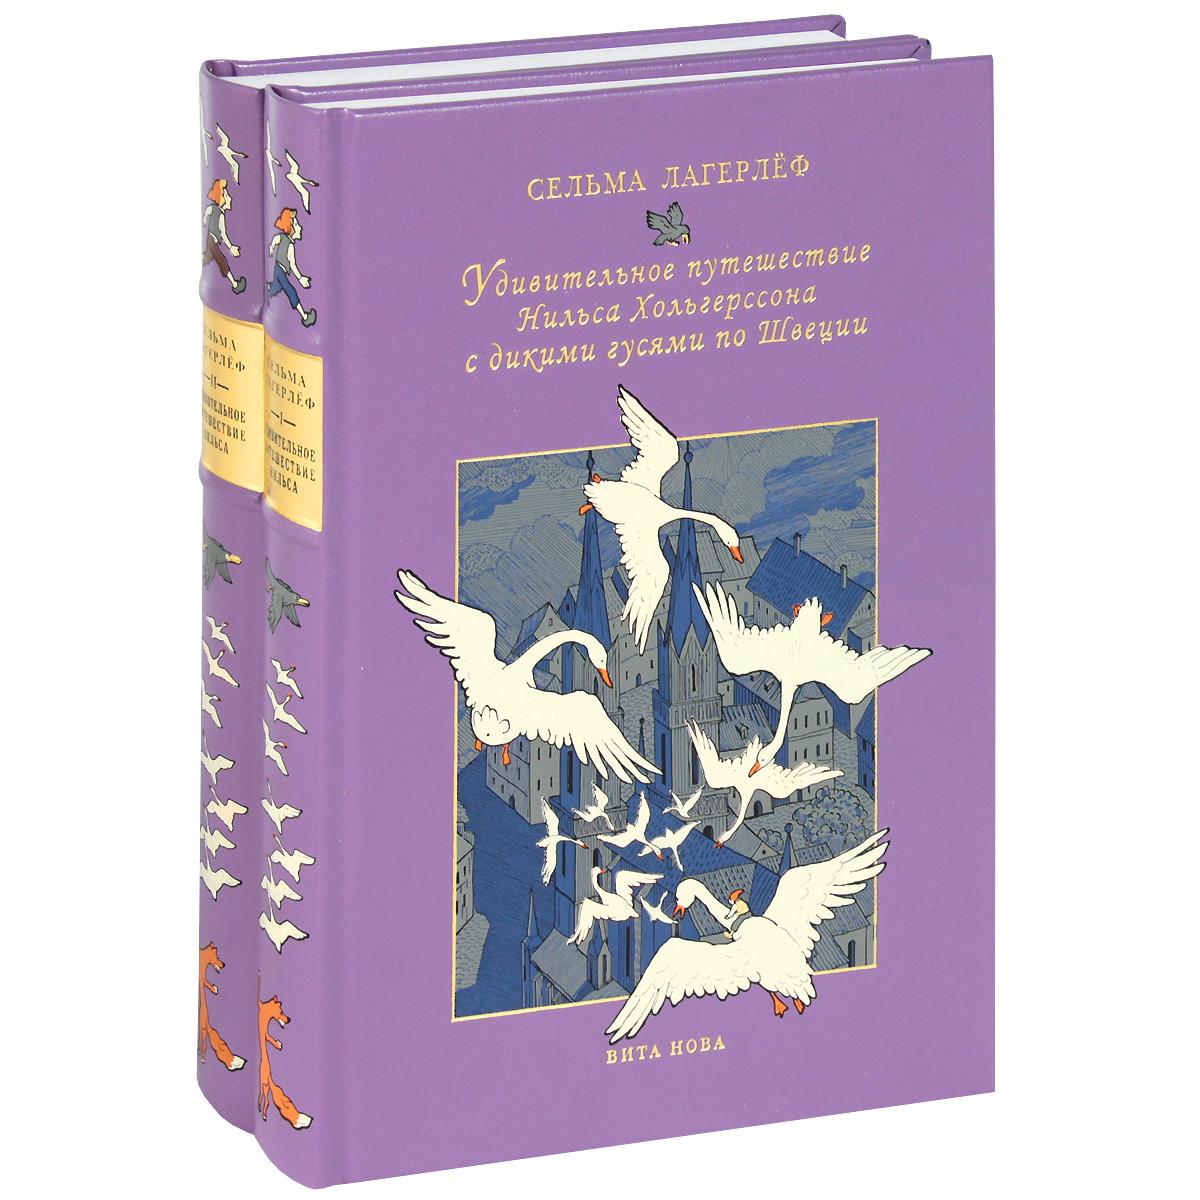 Сельма Лагерлеф Удивительное путешествие Нильса Хольгерссона с дикими гусями по Швеции (комплект из 2 книг) сельма лагерлеф удивительное путешествие нильса хольгерссона с дикими гусями по швеции комплект из 2 книг